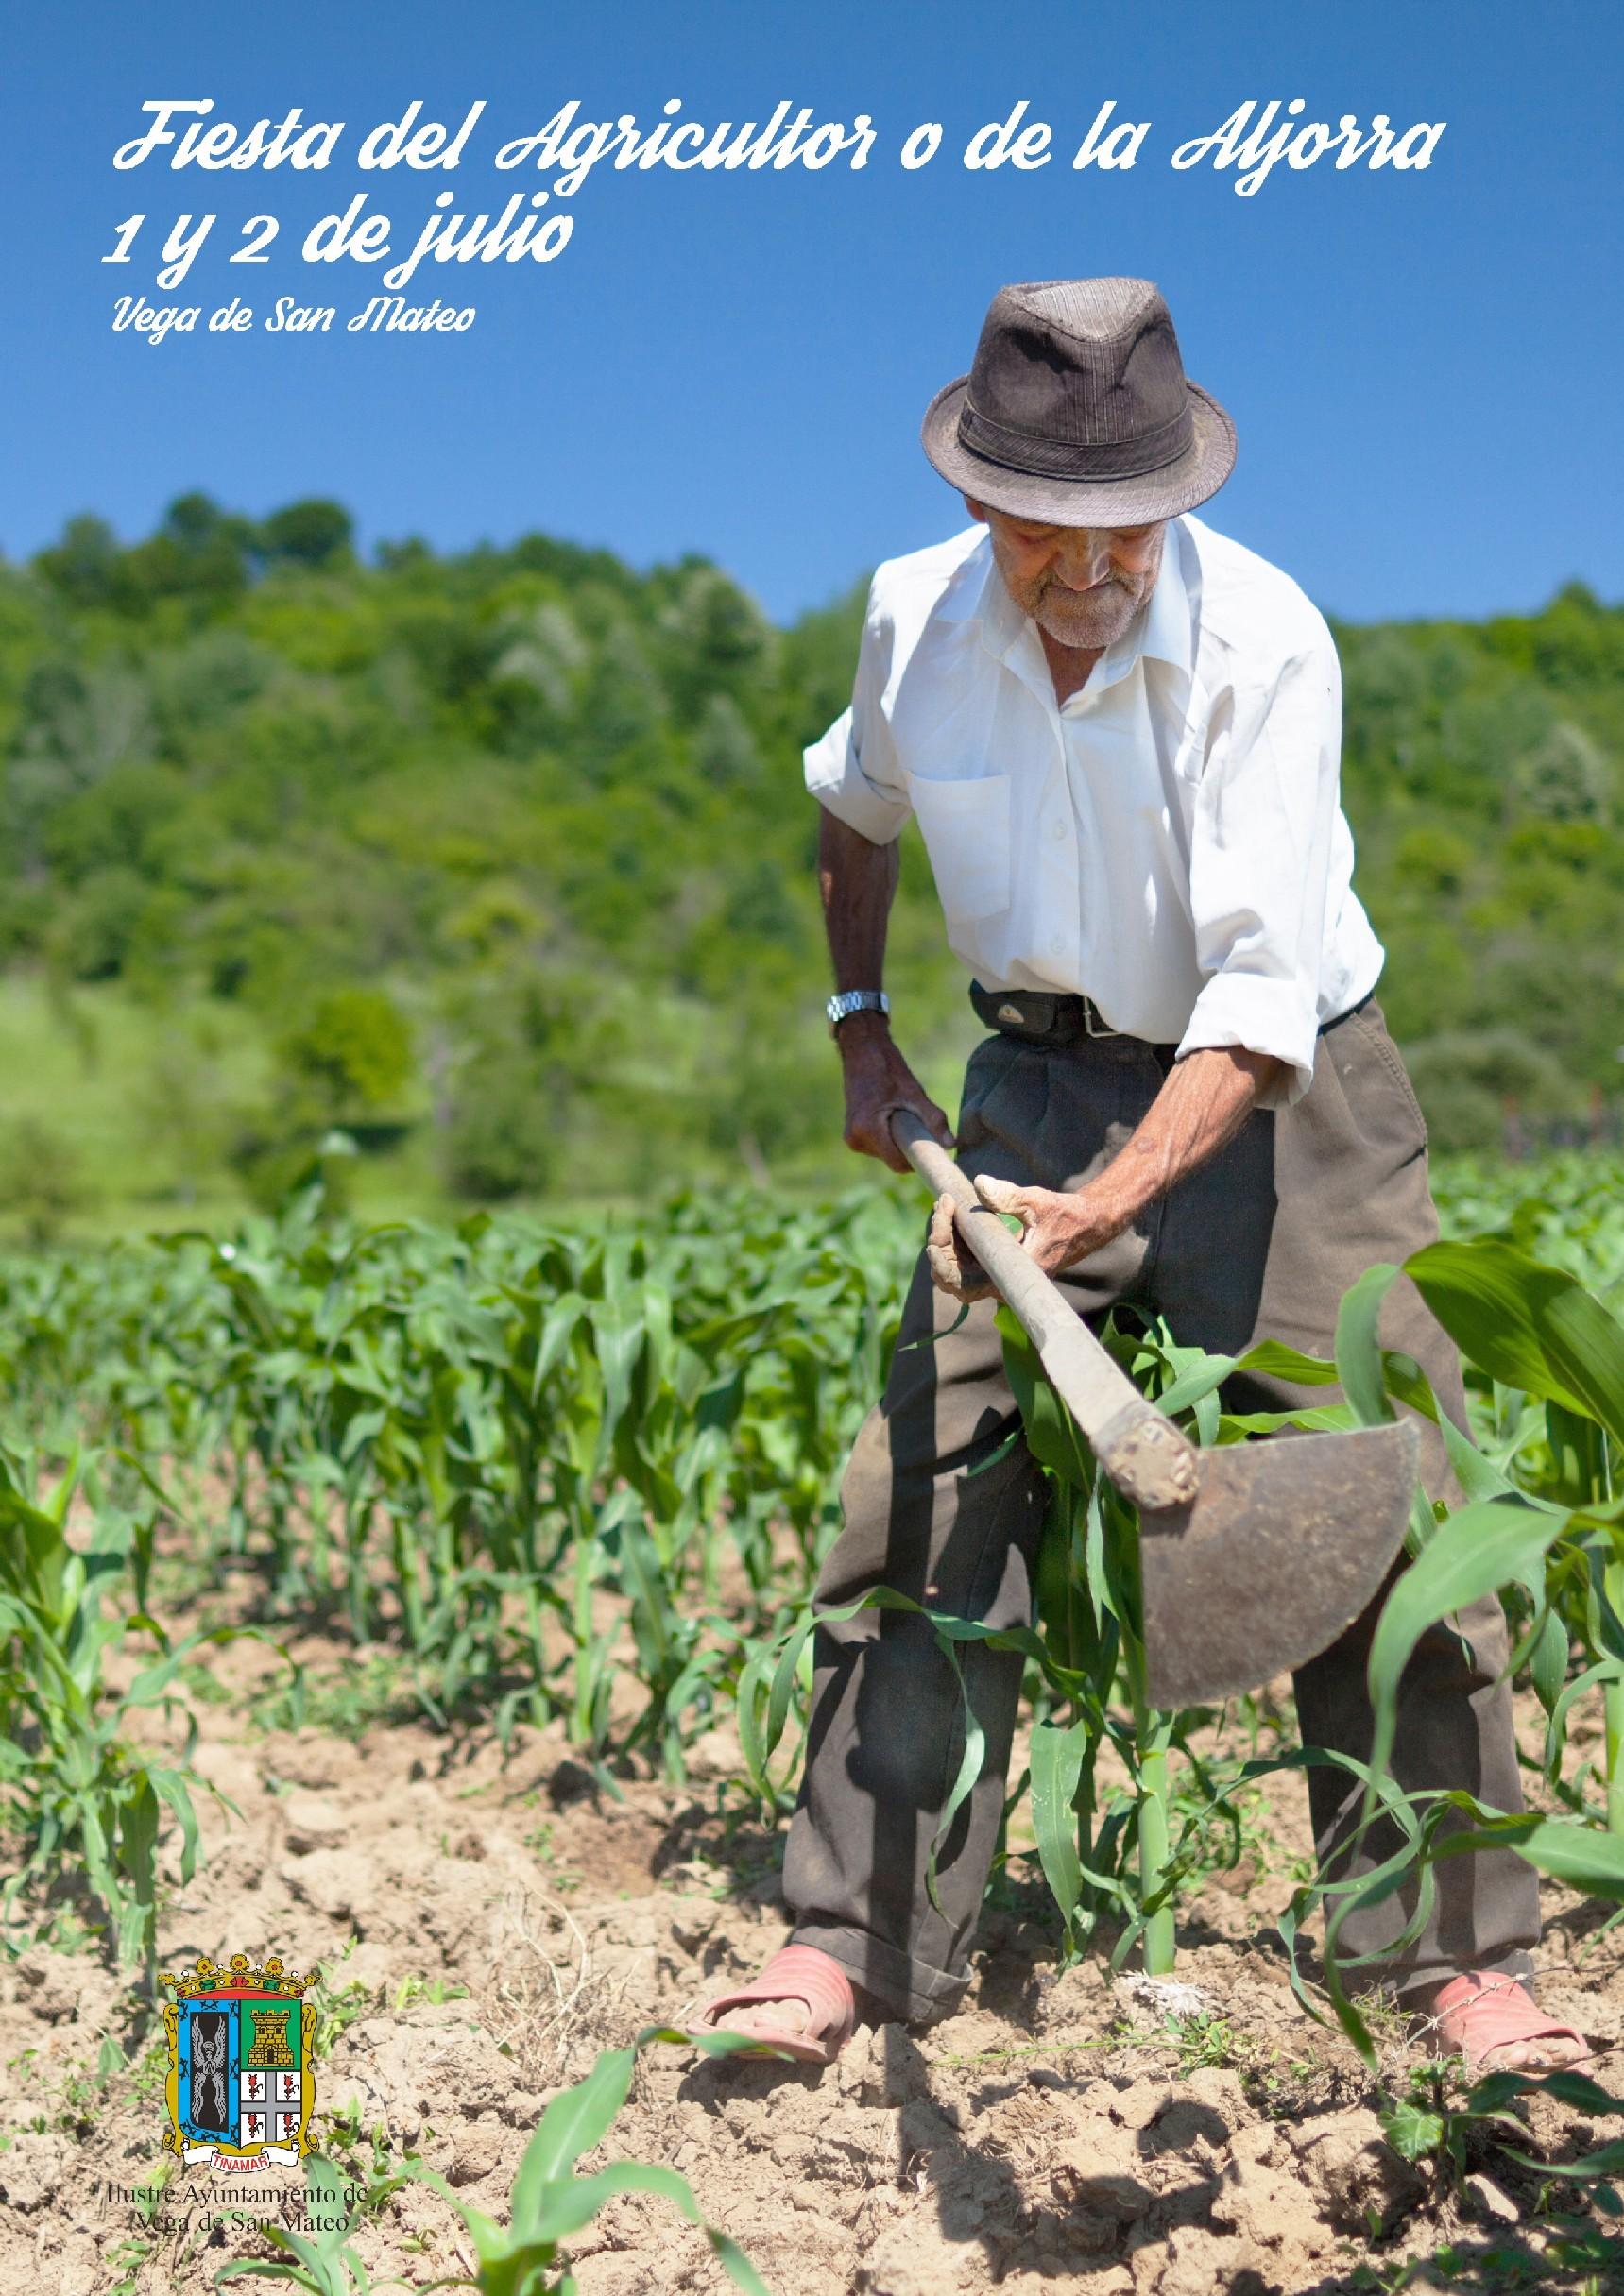 agricultor fiestas 2017